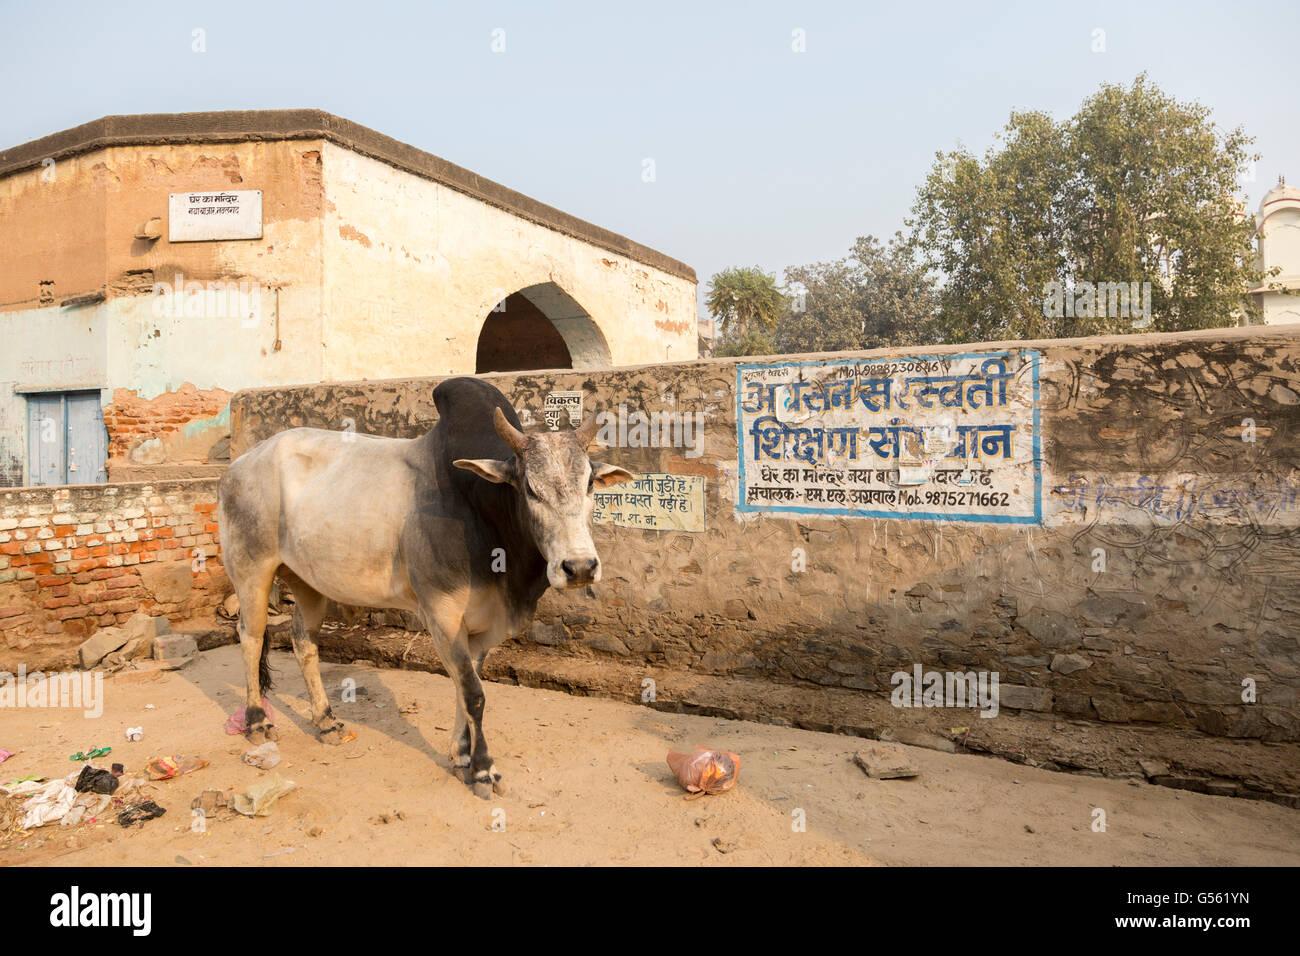 Strassenszene, Fürstenstaates, Rajasthan, Indien Stockbild